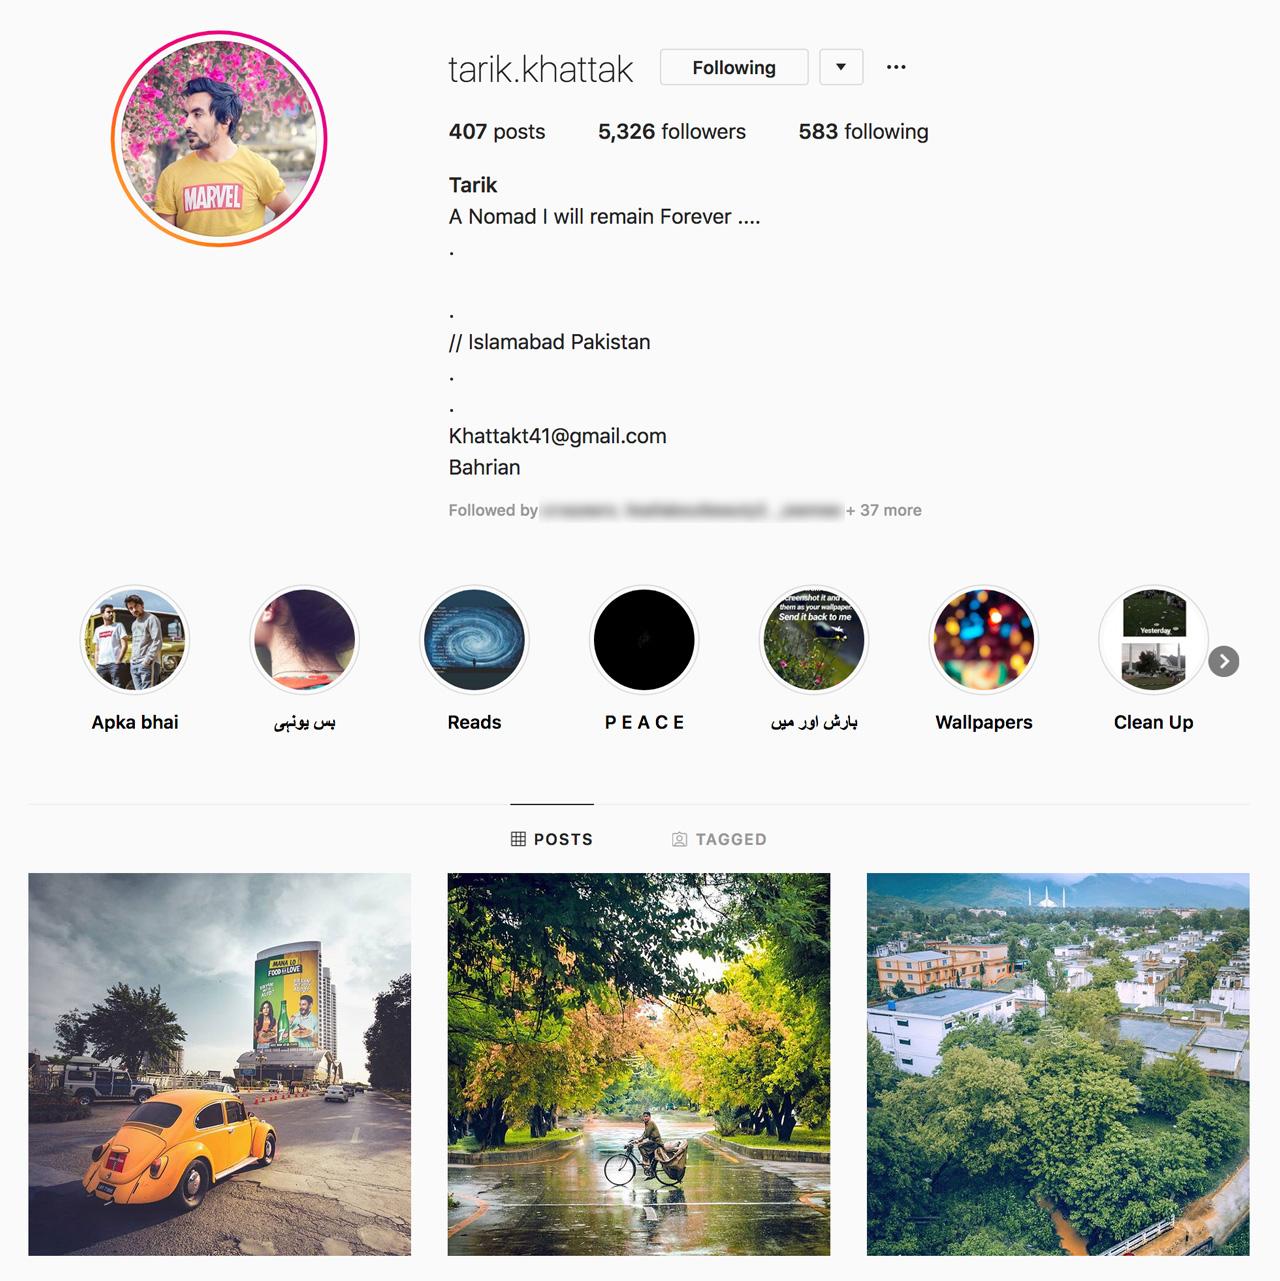 Tarik Khattak on Instagram